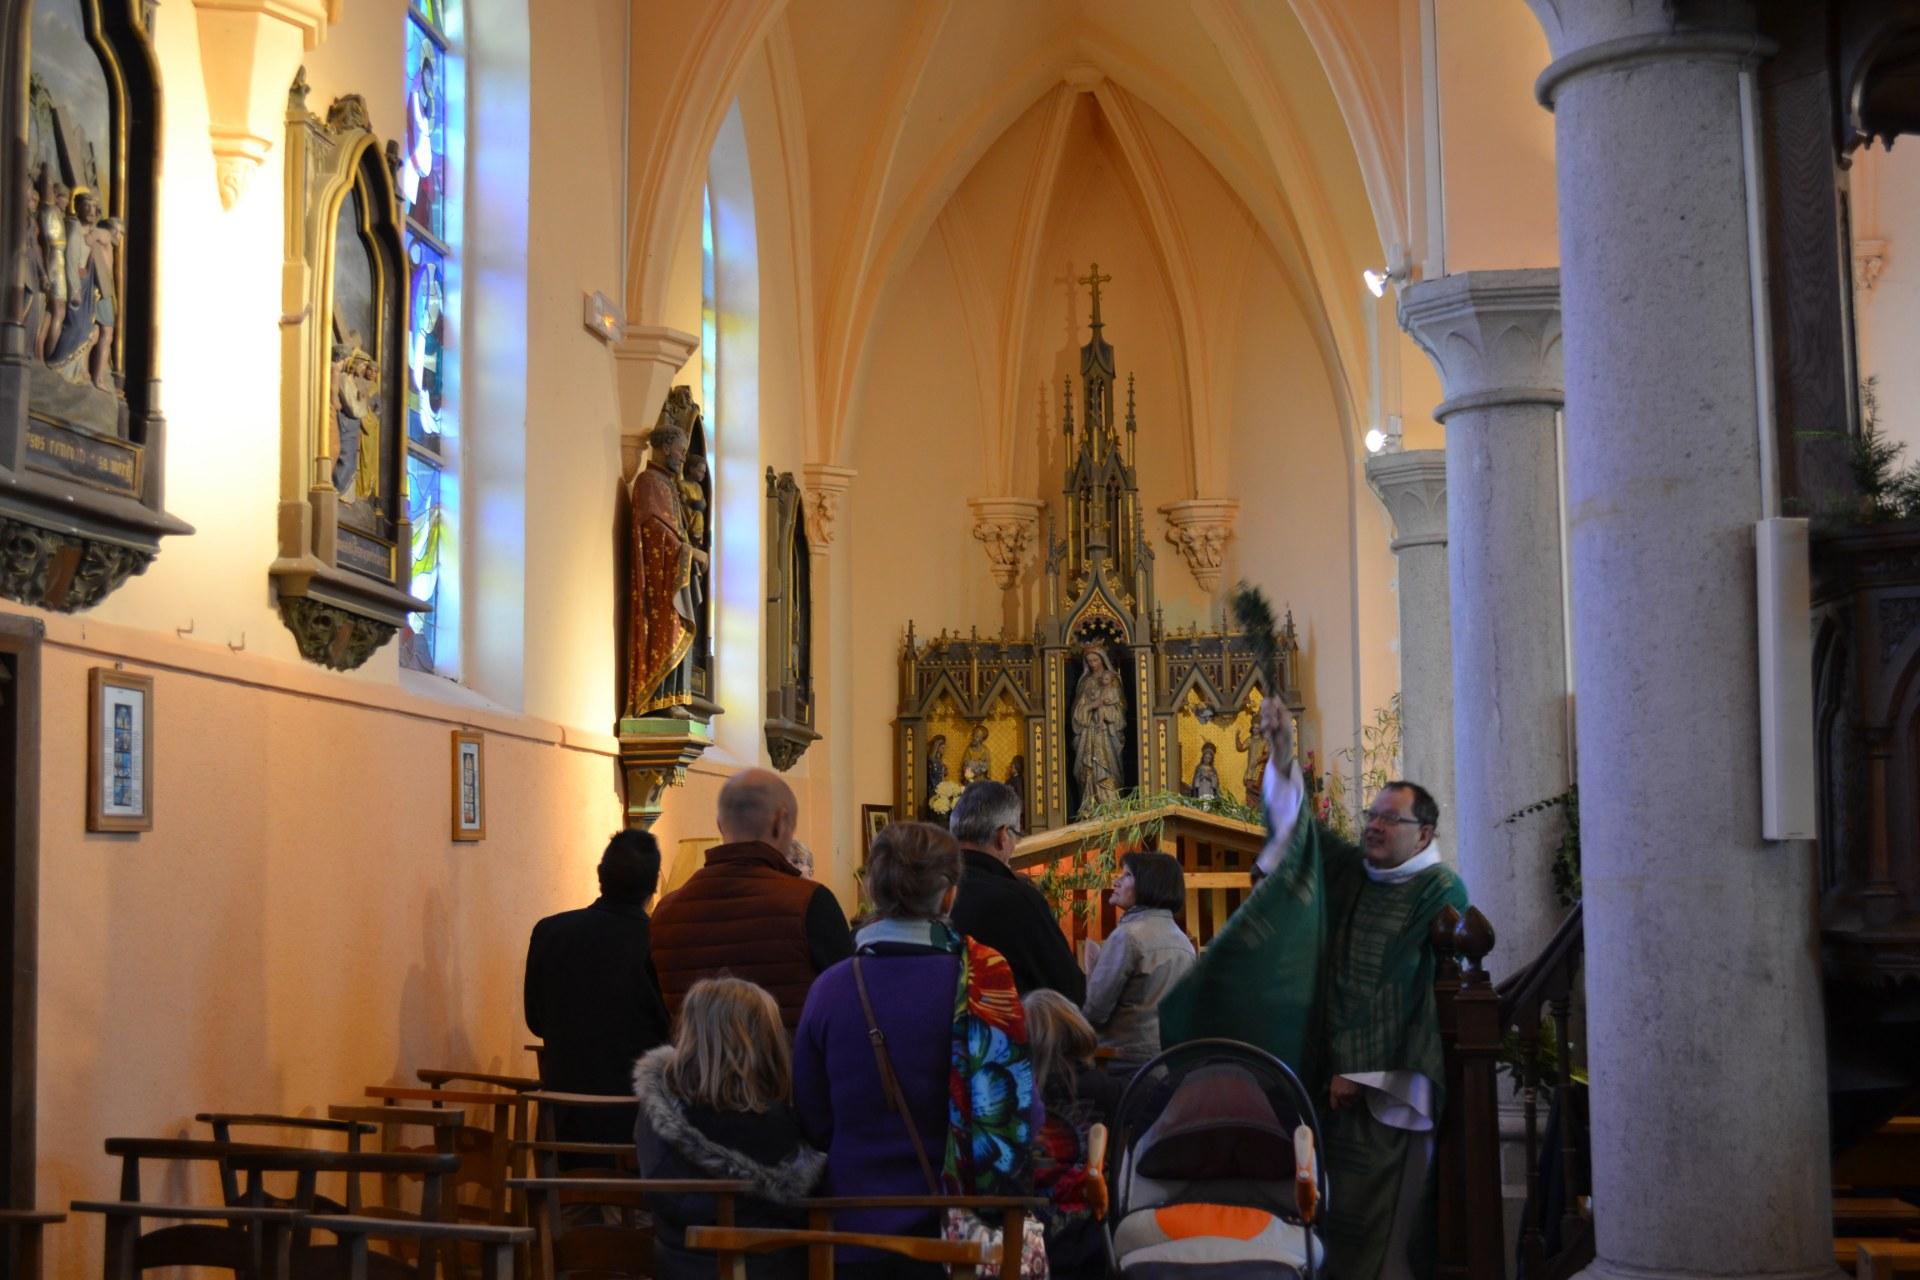 Images - Stald - Saint Fiacre# a# Maireux - 2016-1